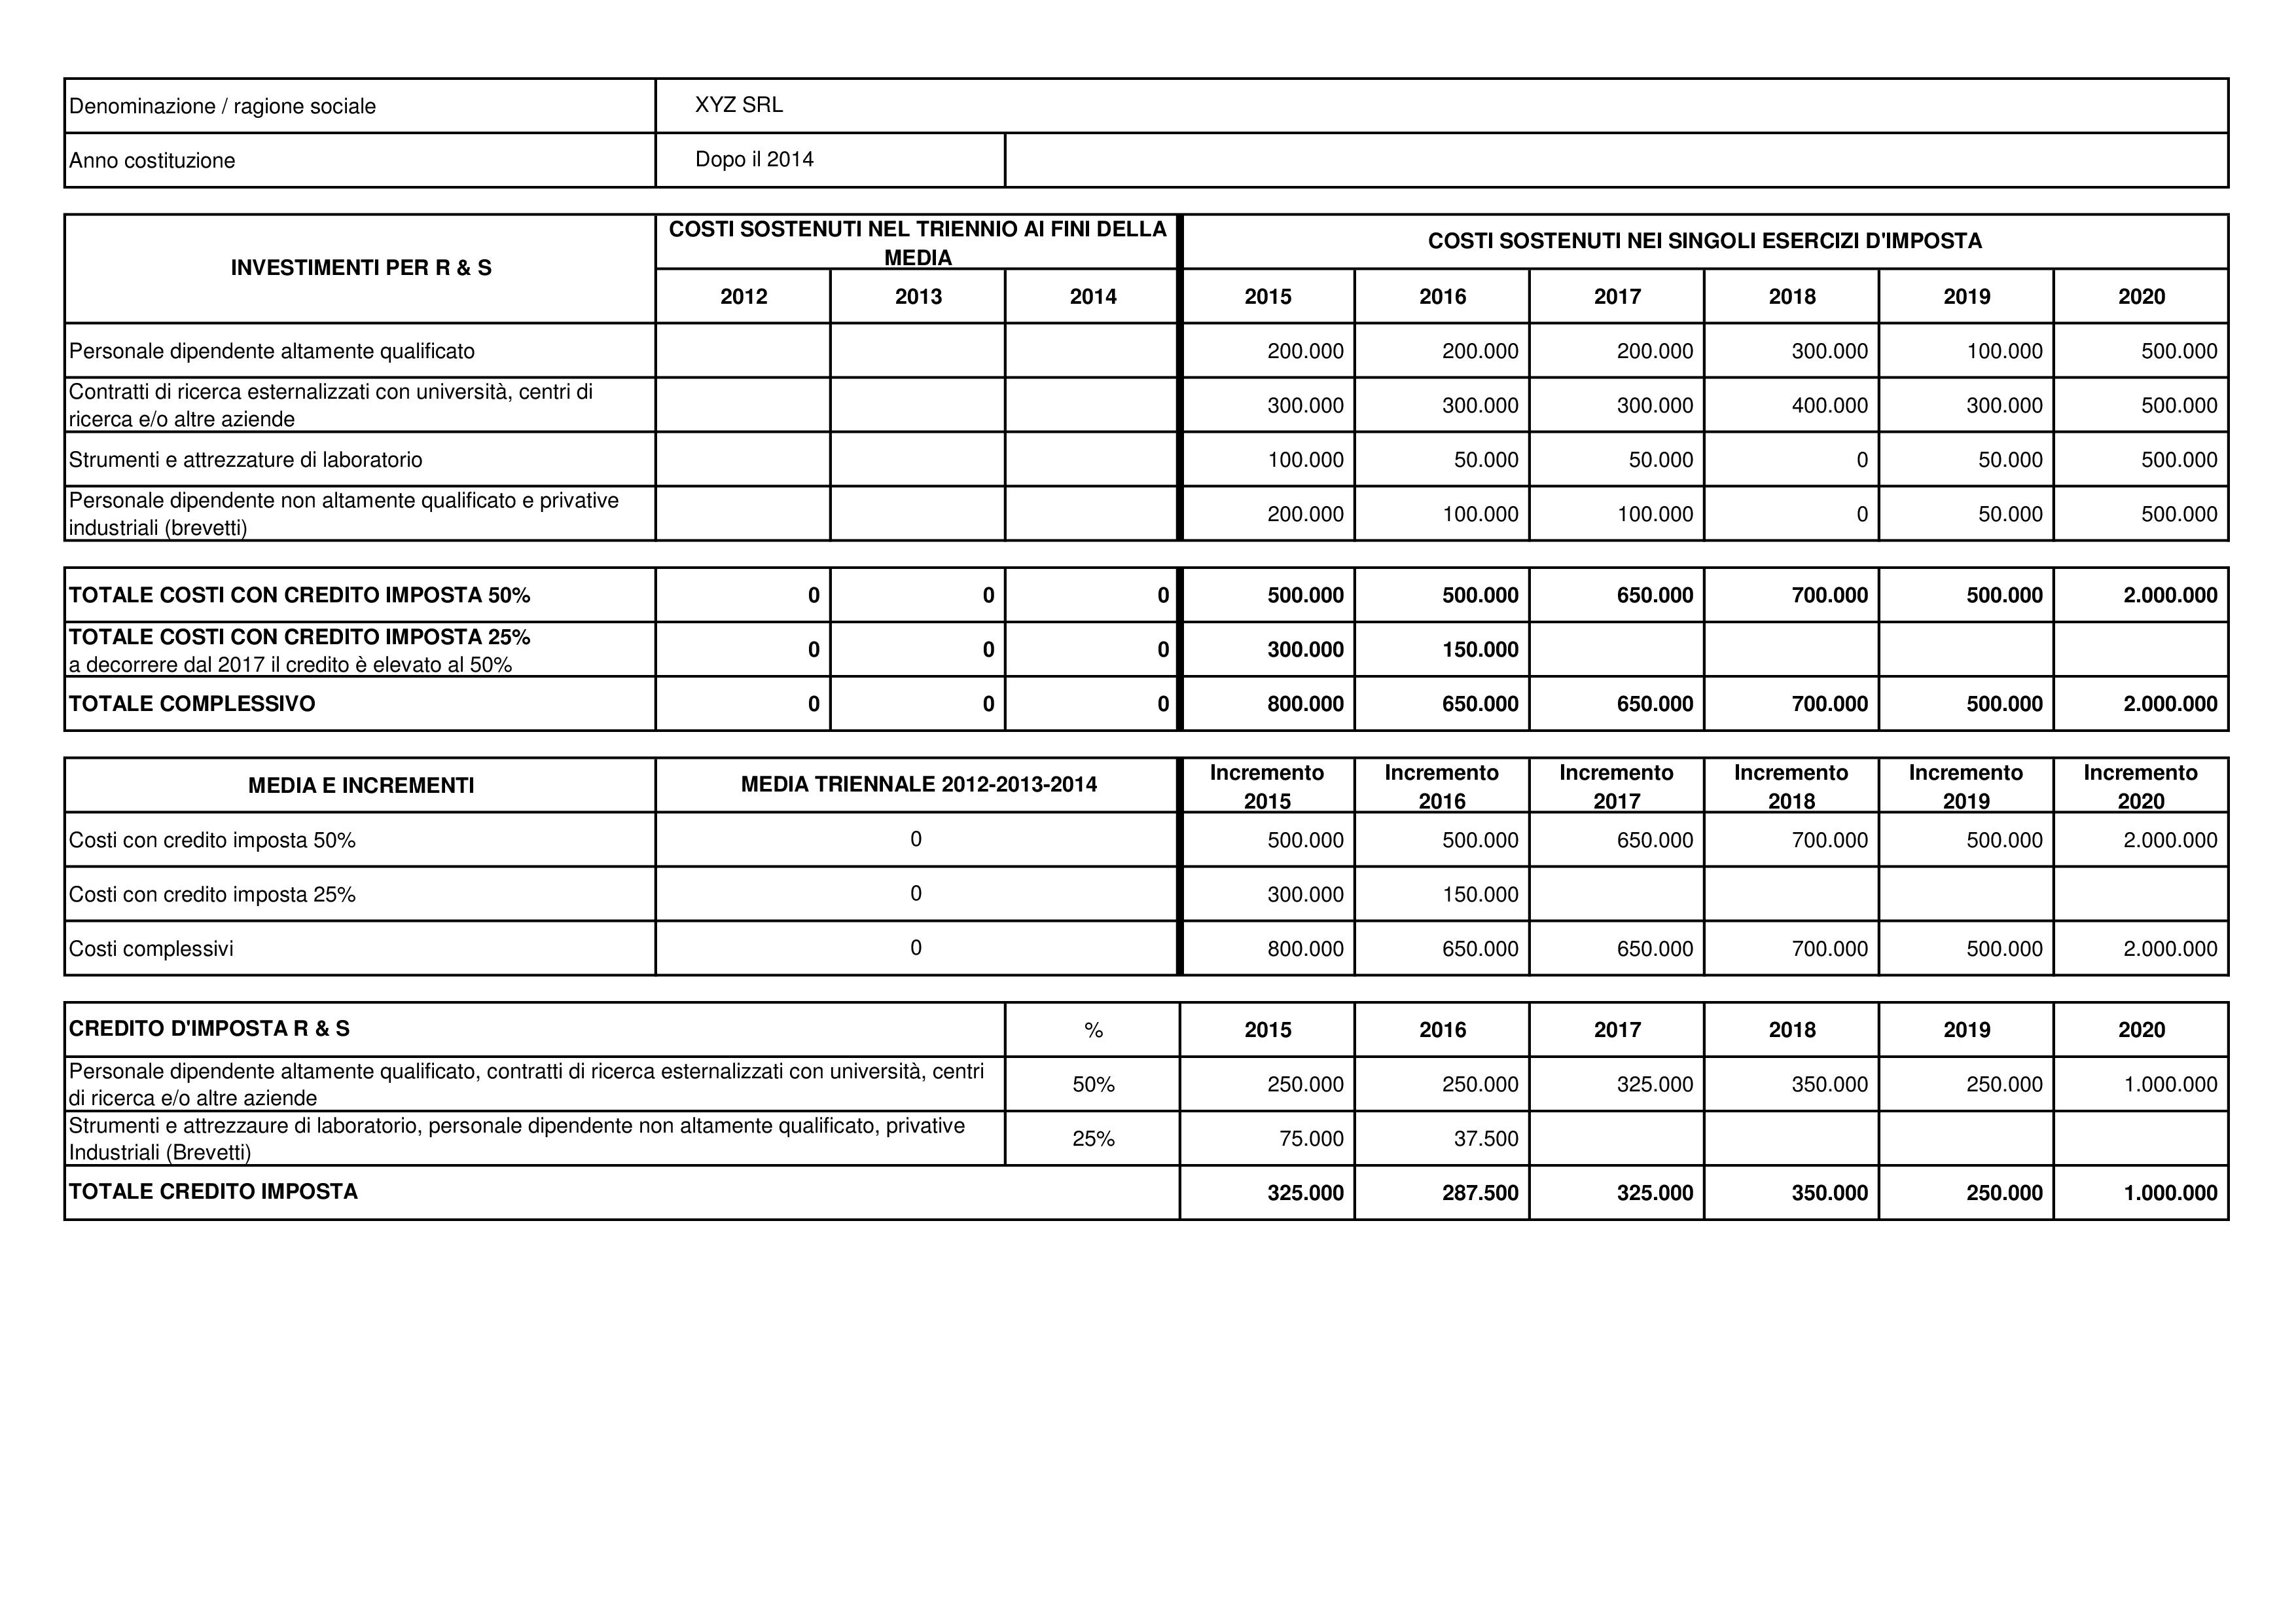 Credito di imposta per investimenti in ricerca e sviluppo - Immagine 2 / 2